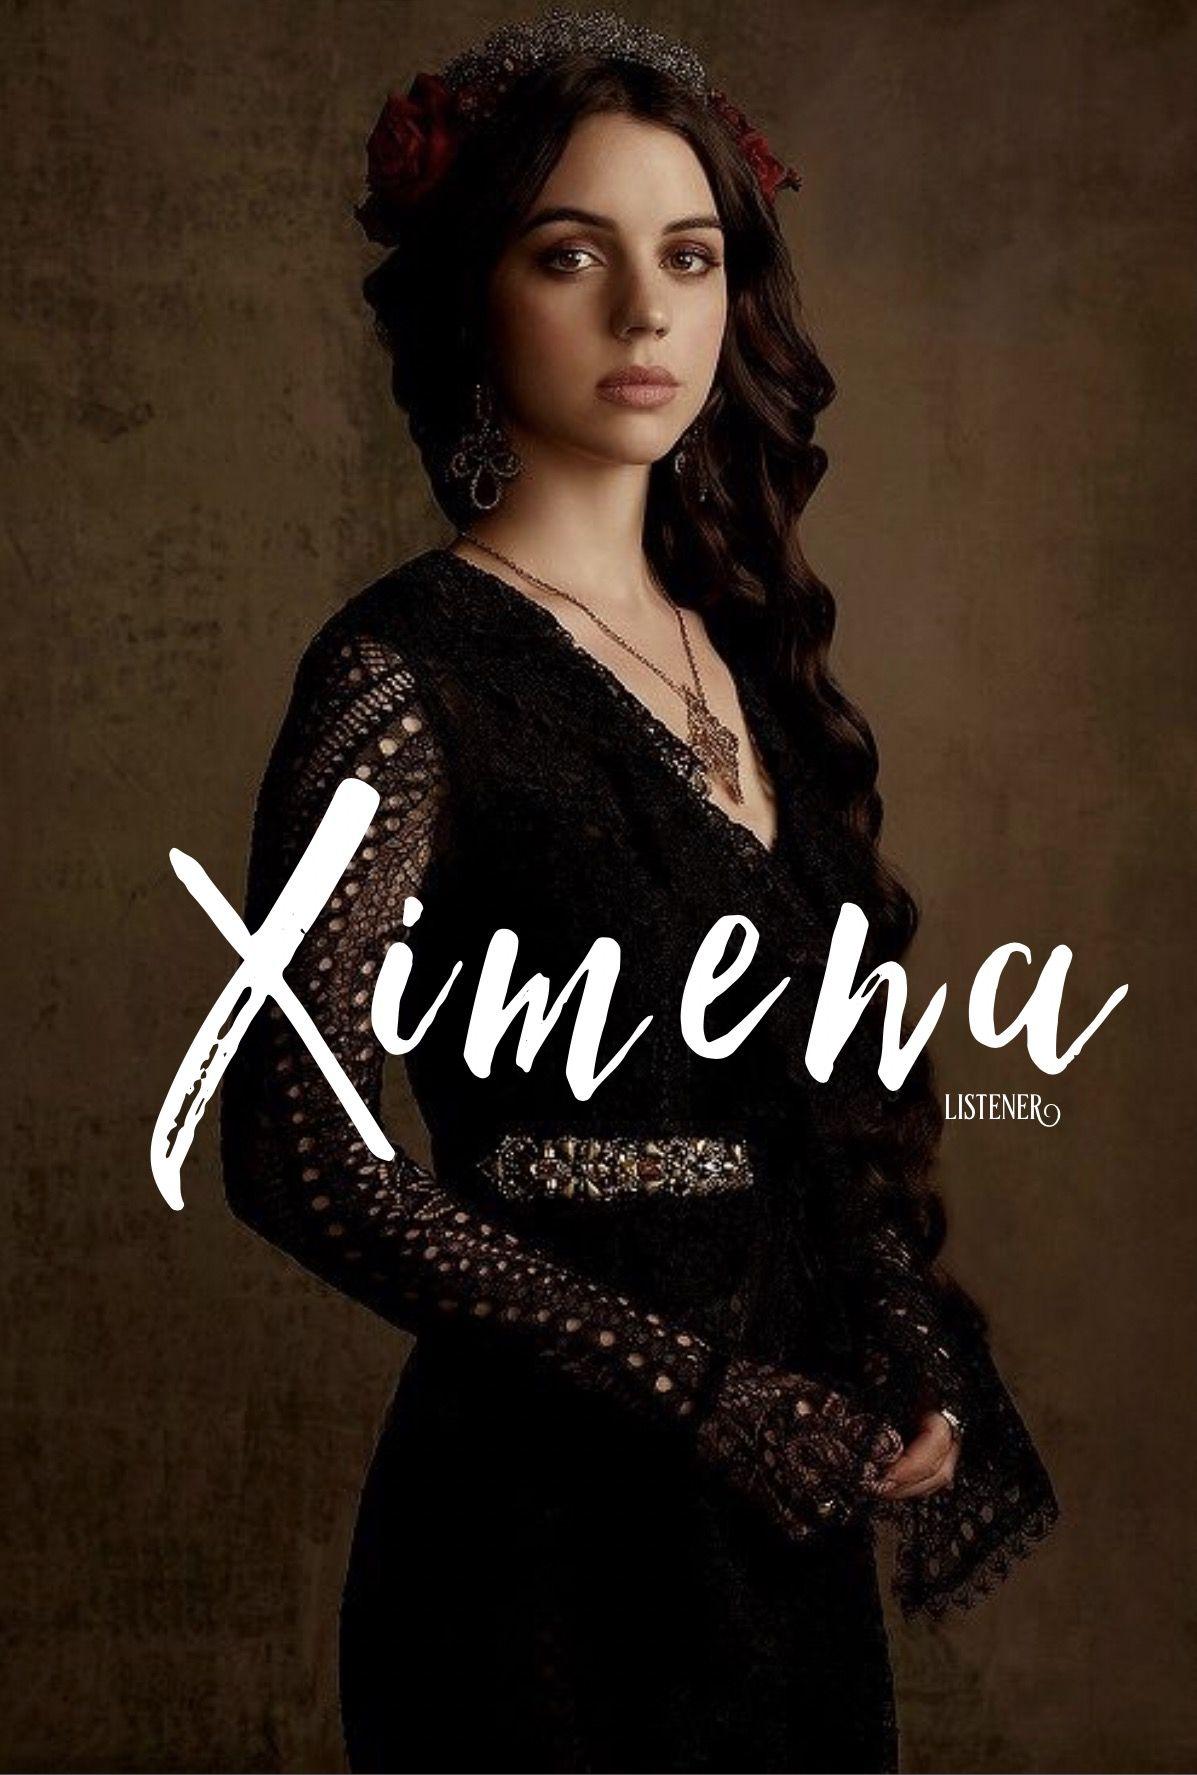 Ximena Listener Spanish